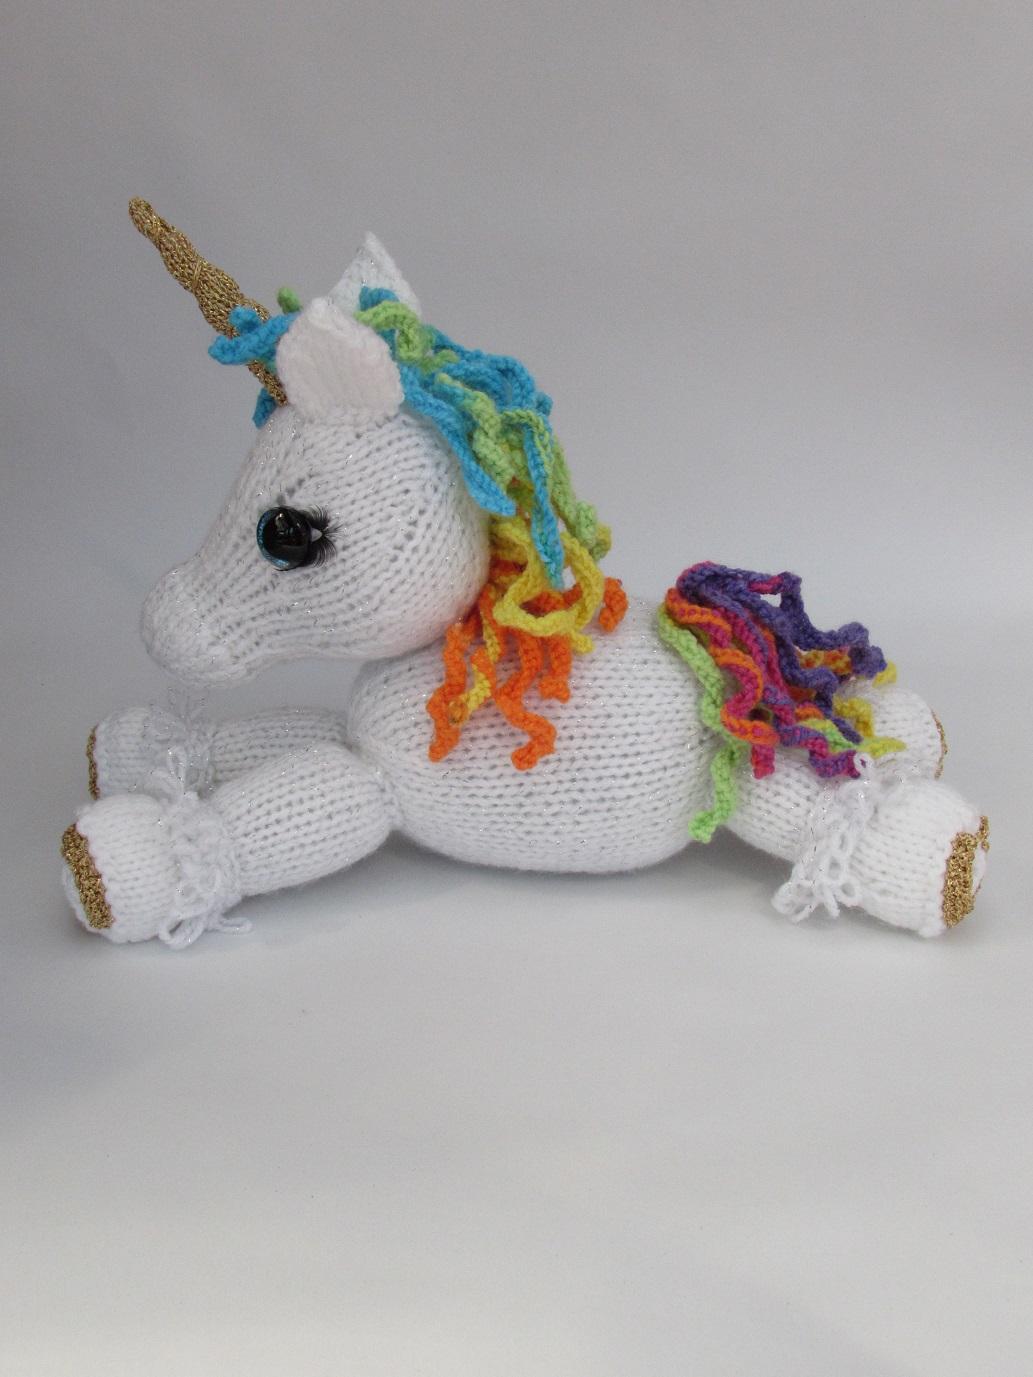 Unicorn Knitting Pattern Free : Unicorn tea cosy knitting pattern